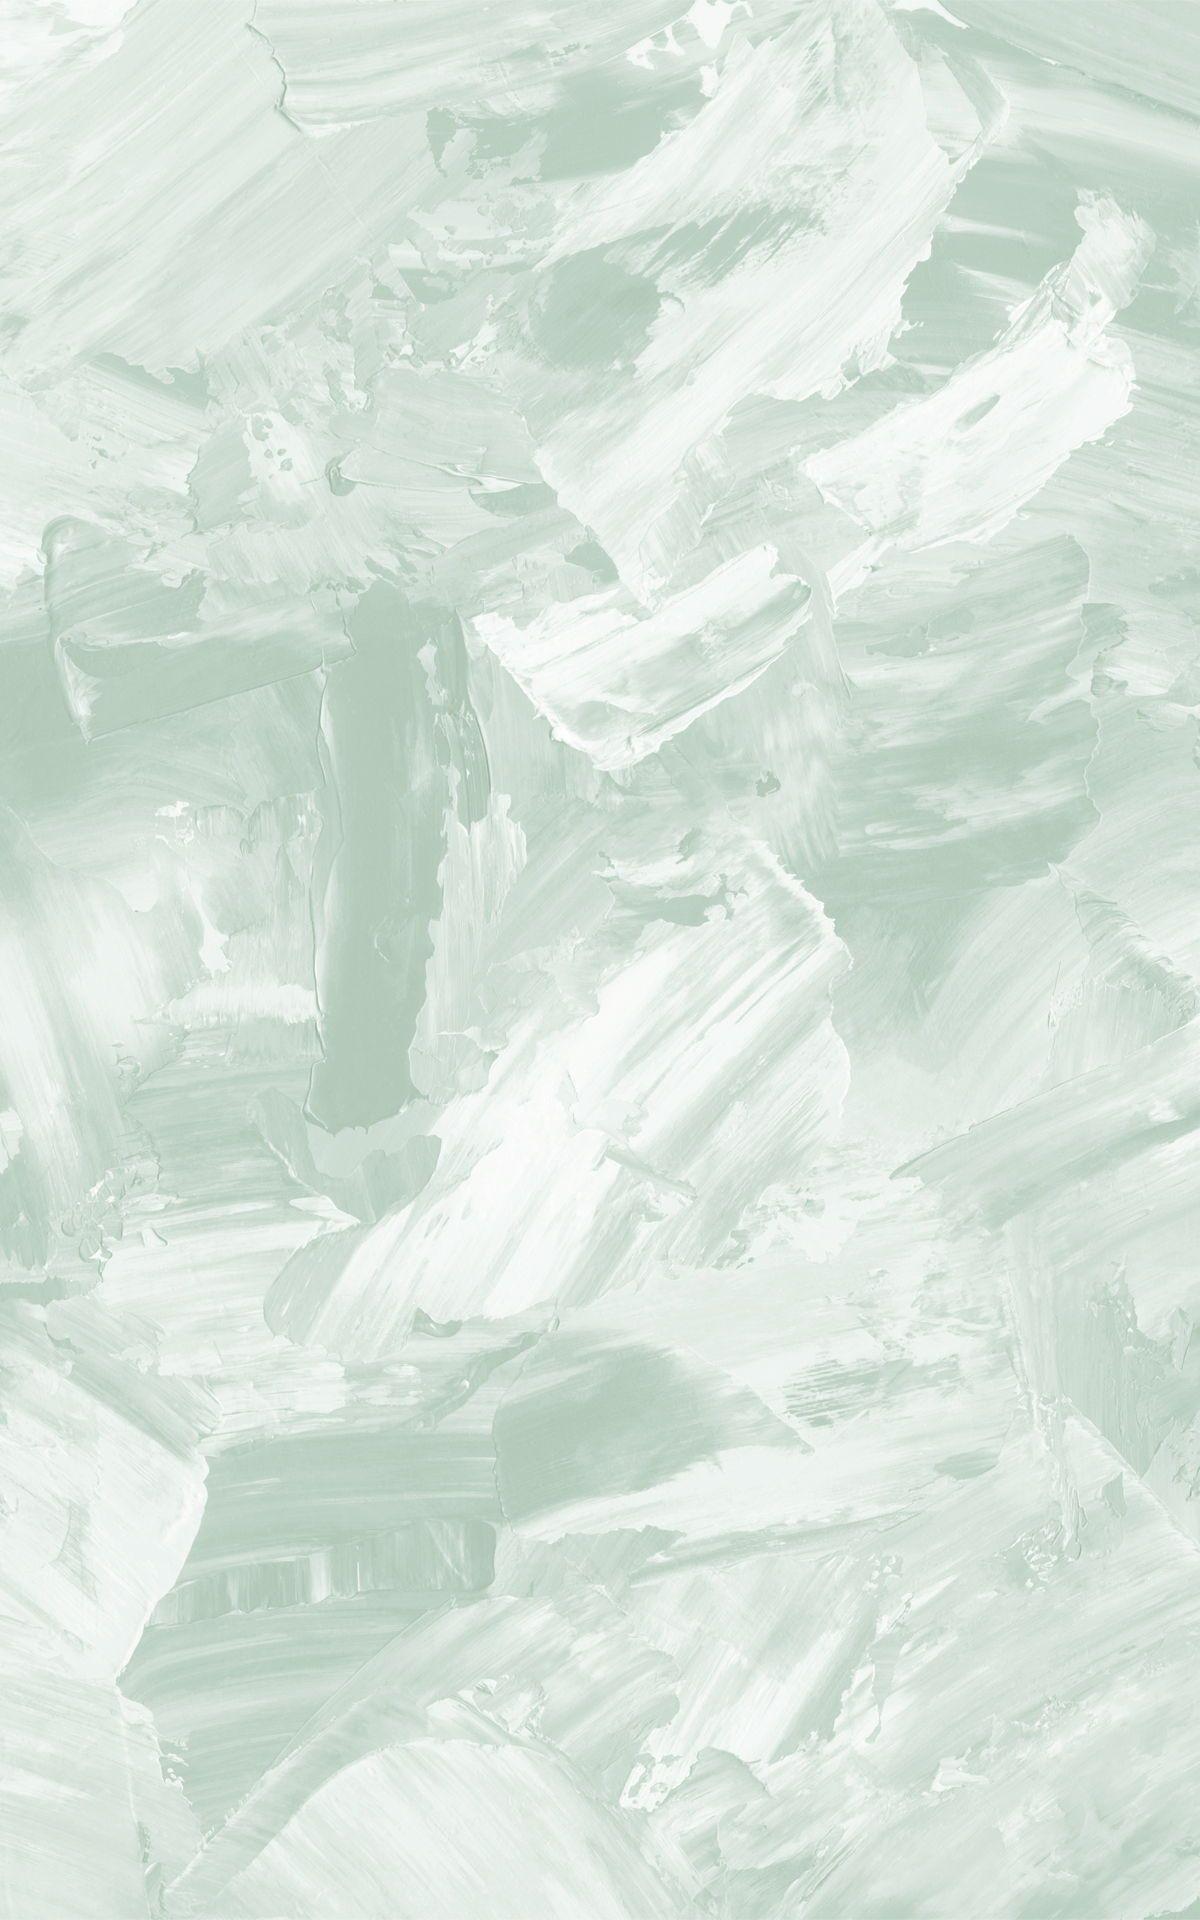 Sage Abstract Paint Wallpaper Muralswallpaper Painting Wallpaper Aesthetic Iphone Wallpaper Minimalist Wallpaper